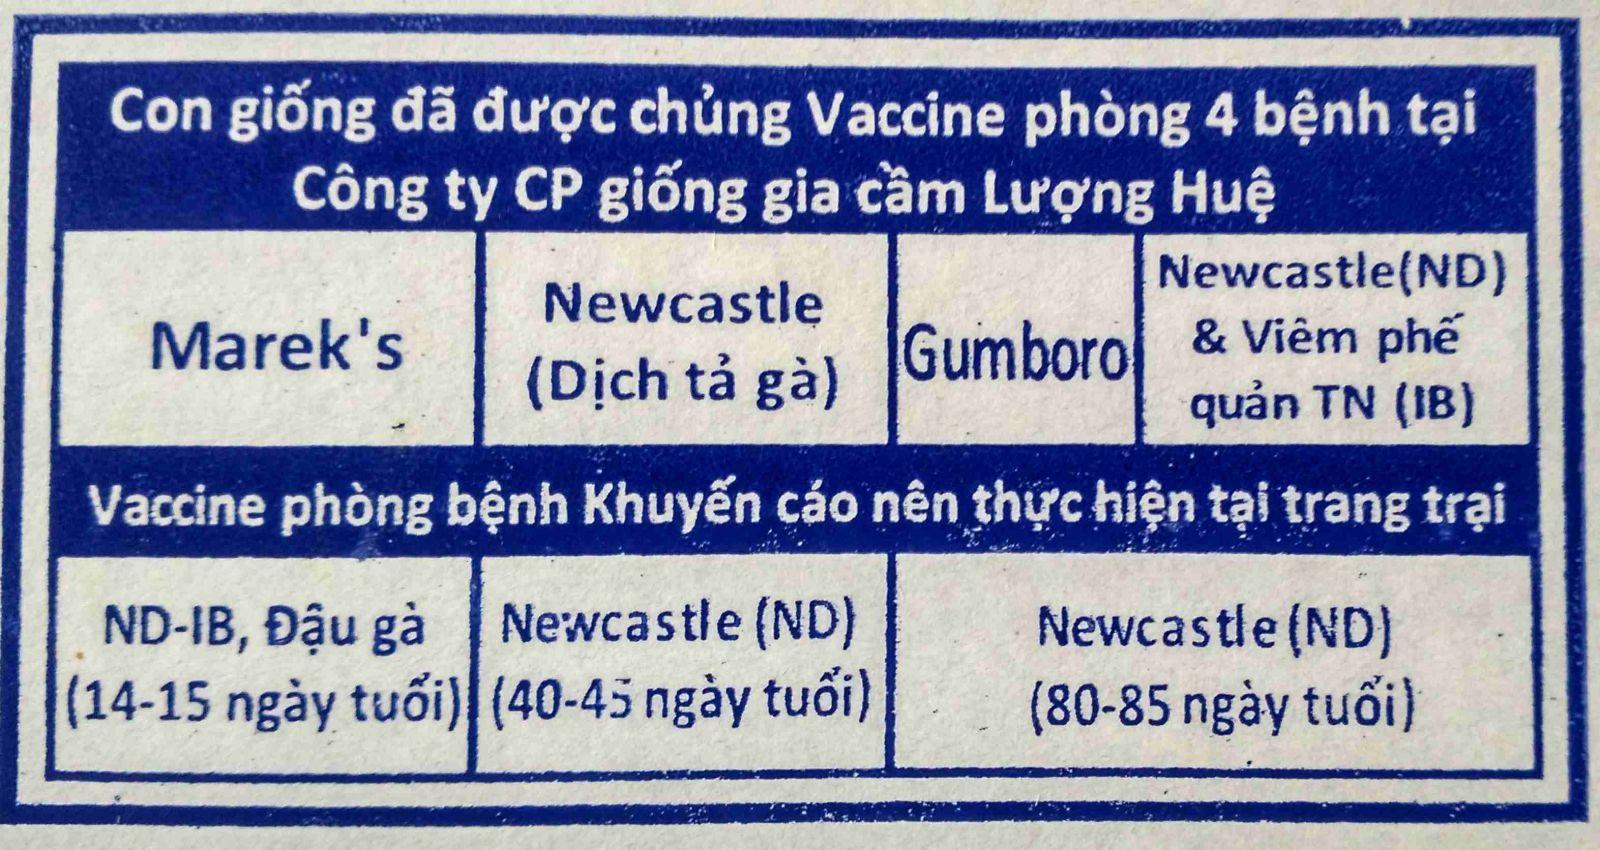 Quy trình vaccine Lượng Huệ